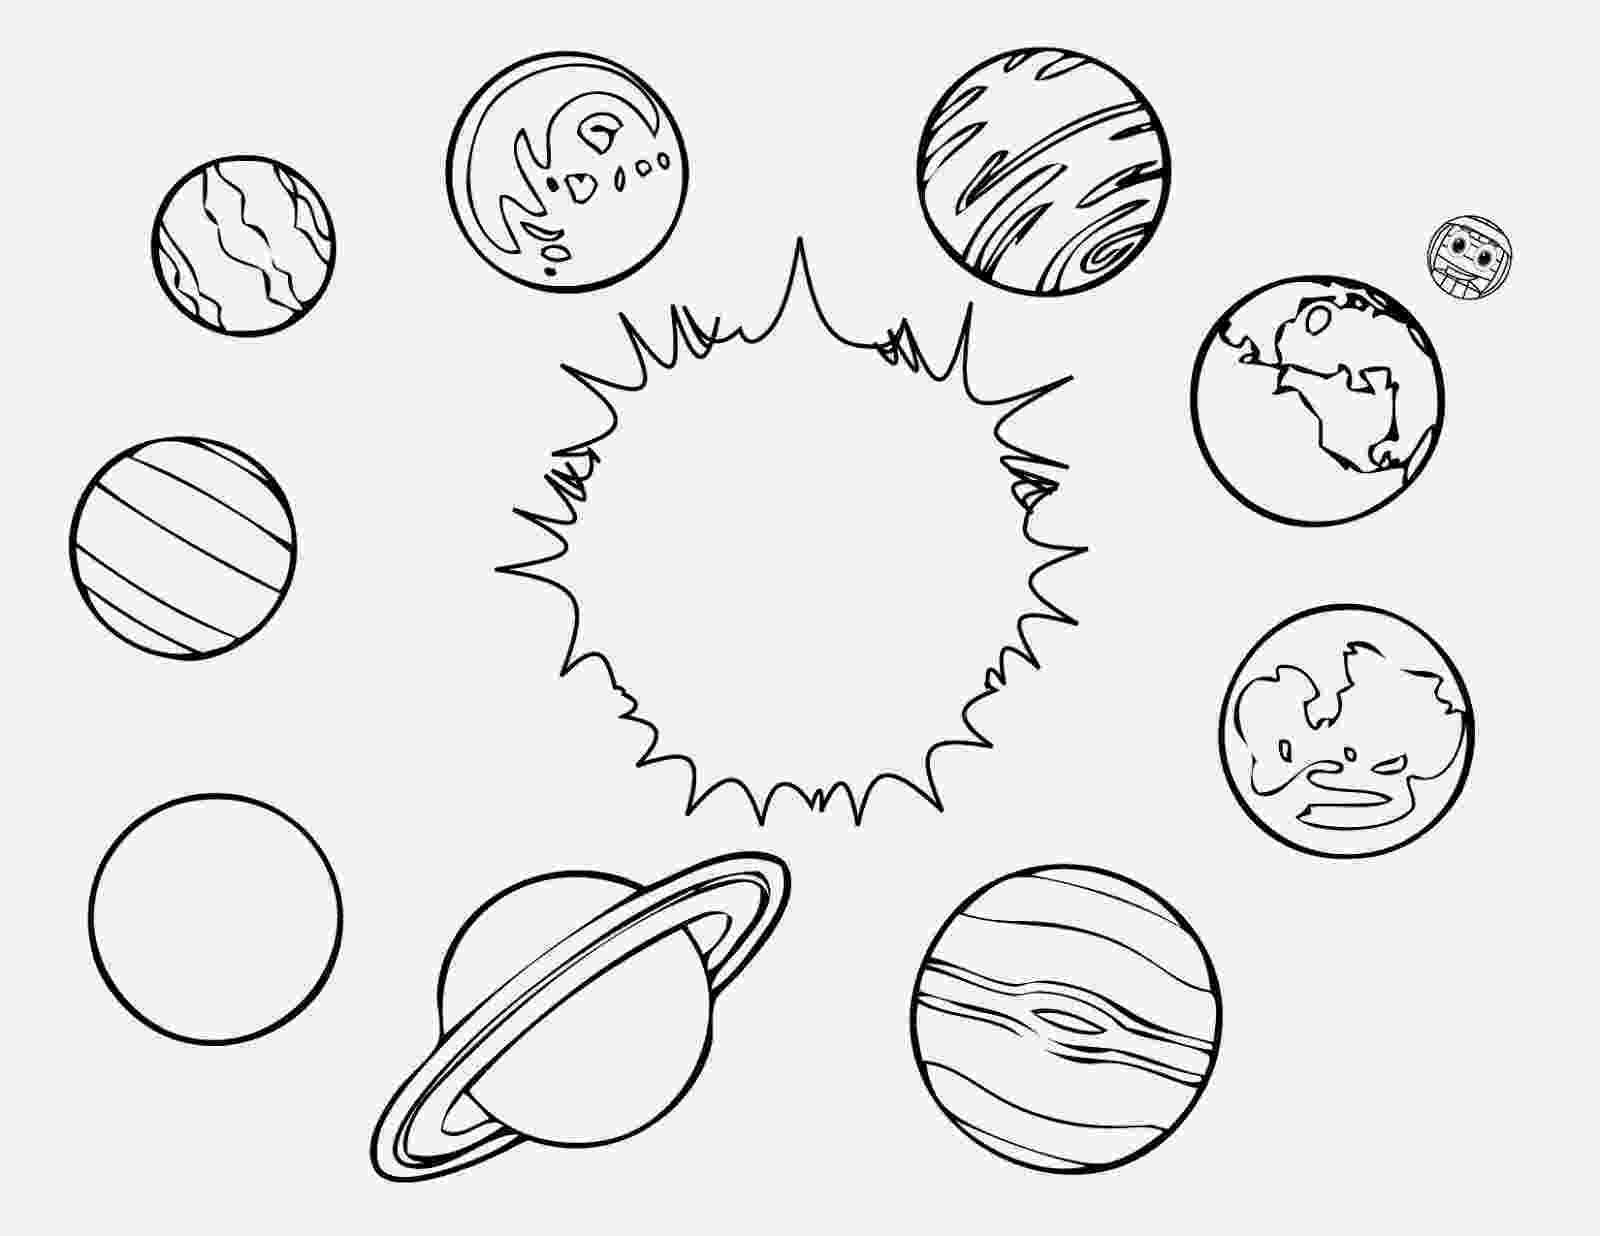 planet colouring pages ausmalbilder für kinder malvorlagen und malbuch planet planet colouring pages